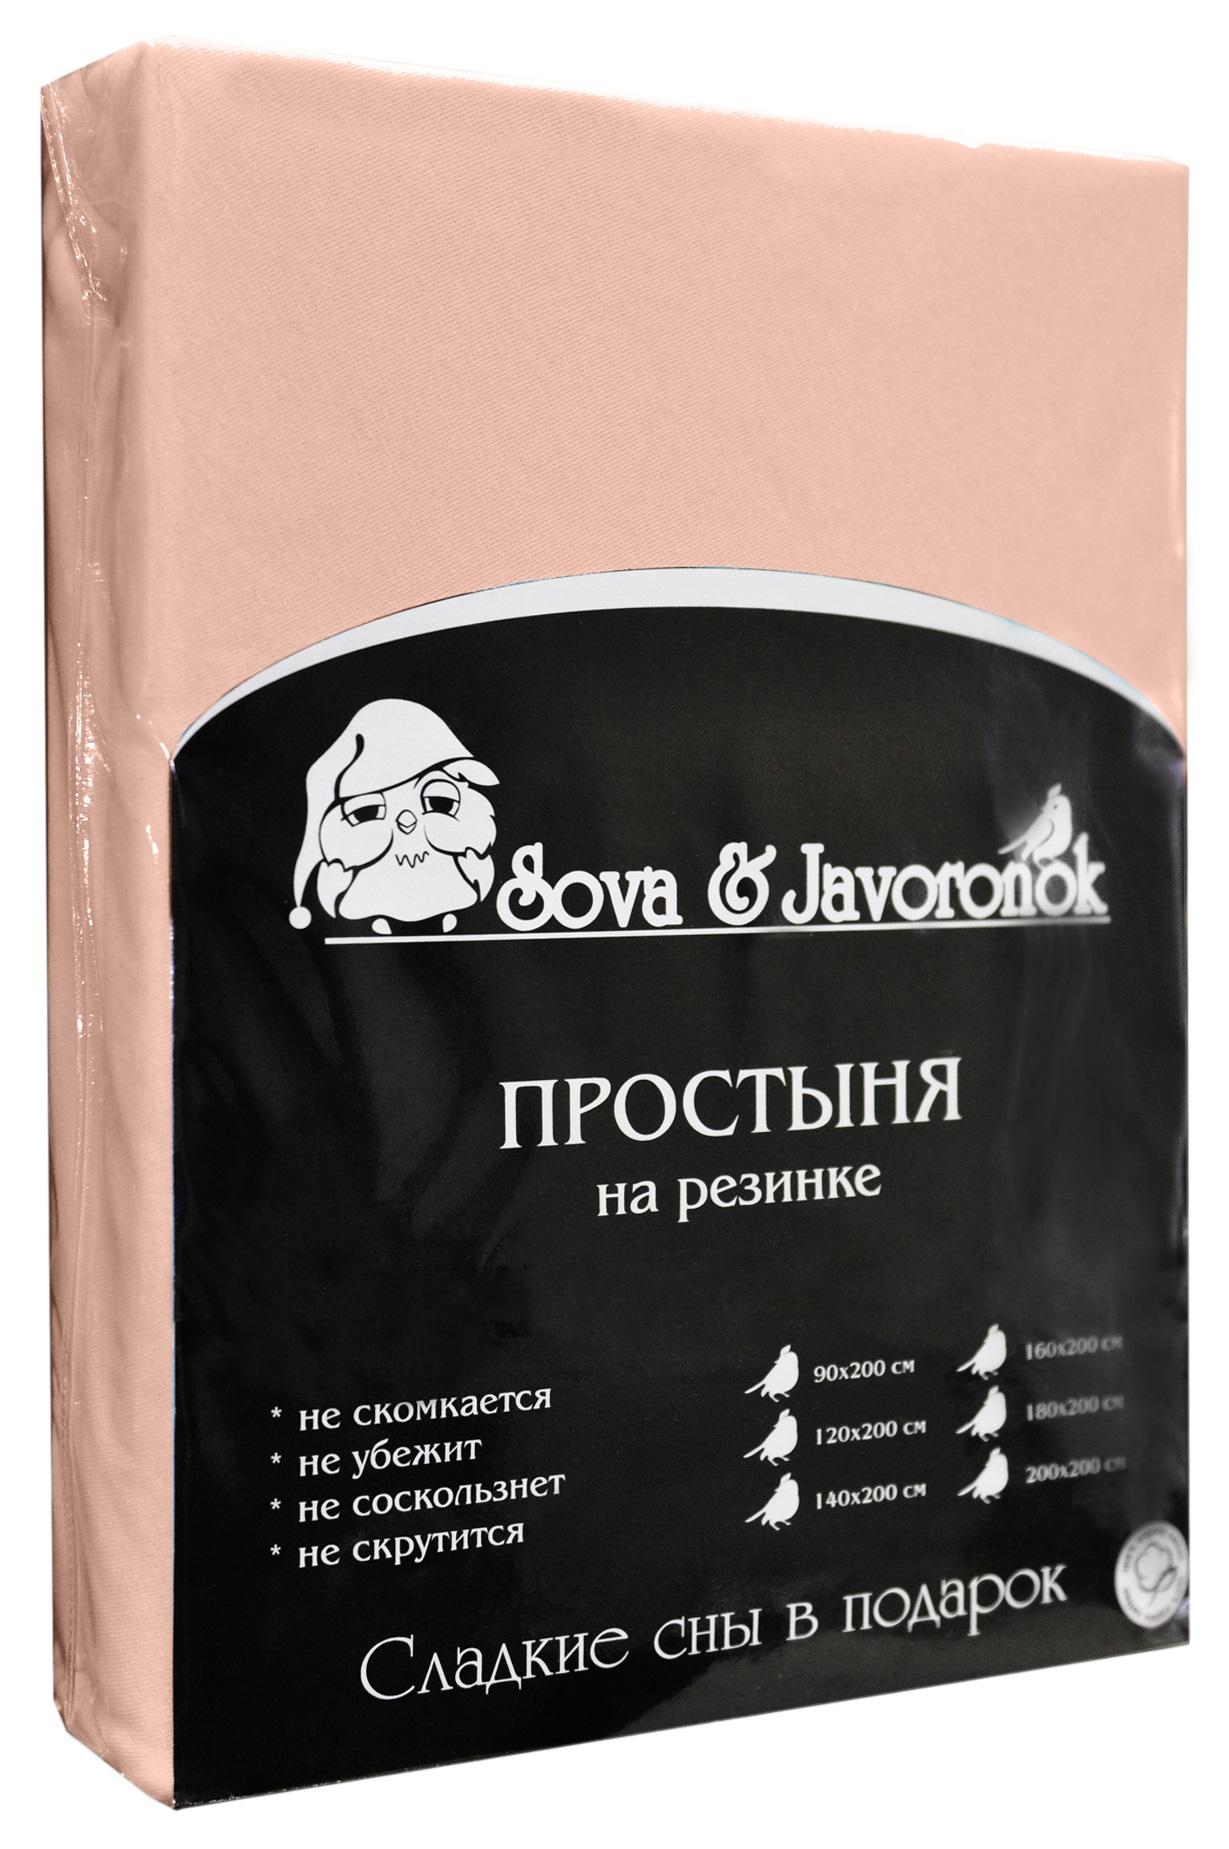 Простыня на резинке Sova & Javoronok, цвет: персиковый, 140 см х 200 см08030115077Простыня на резинке Sova & Javoronok, изготовленная из трикотажной ткани (100% хлопок), будет превосходно смотреться с любыми комплектами белья. Хлопчатобумажный трикотаж по праву считается одним из самых качественных, прочных и при этом приятных на ощупь. Его гигиеничность позволяет использовать простыню и в детских комнатах, к тому же 100%-ый хлопок в составе ткани не вызовет аллергии. У трикотажного полотна очень интересная структура, немного рыхлая за счет отсутствия плотного переплетения нитей и наличия особых петель, благодаря этому простыня Сова и Жаворонок отлично пропускает воздух и способствует его постоянной циркуляции. Поэтому ваша постель будет всегда оставаться свежей. Но главное и, пожалуй, самое известное свойство трикотажа - это его великолепная растяжимость, поэтому эта ткань и была выбрана для натяжной простыни на резинке.Простыня прошита резинкой по всему периметру, что обеспечивает более комфортный отдых, так как она прочно удерживается на матрасе и избавляет от необходимости часто поправлять простыню.